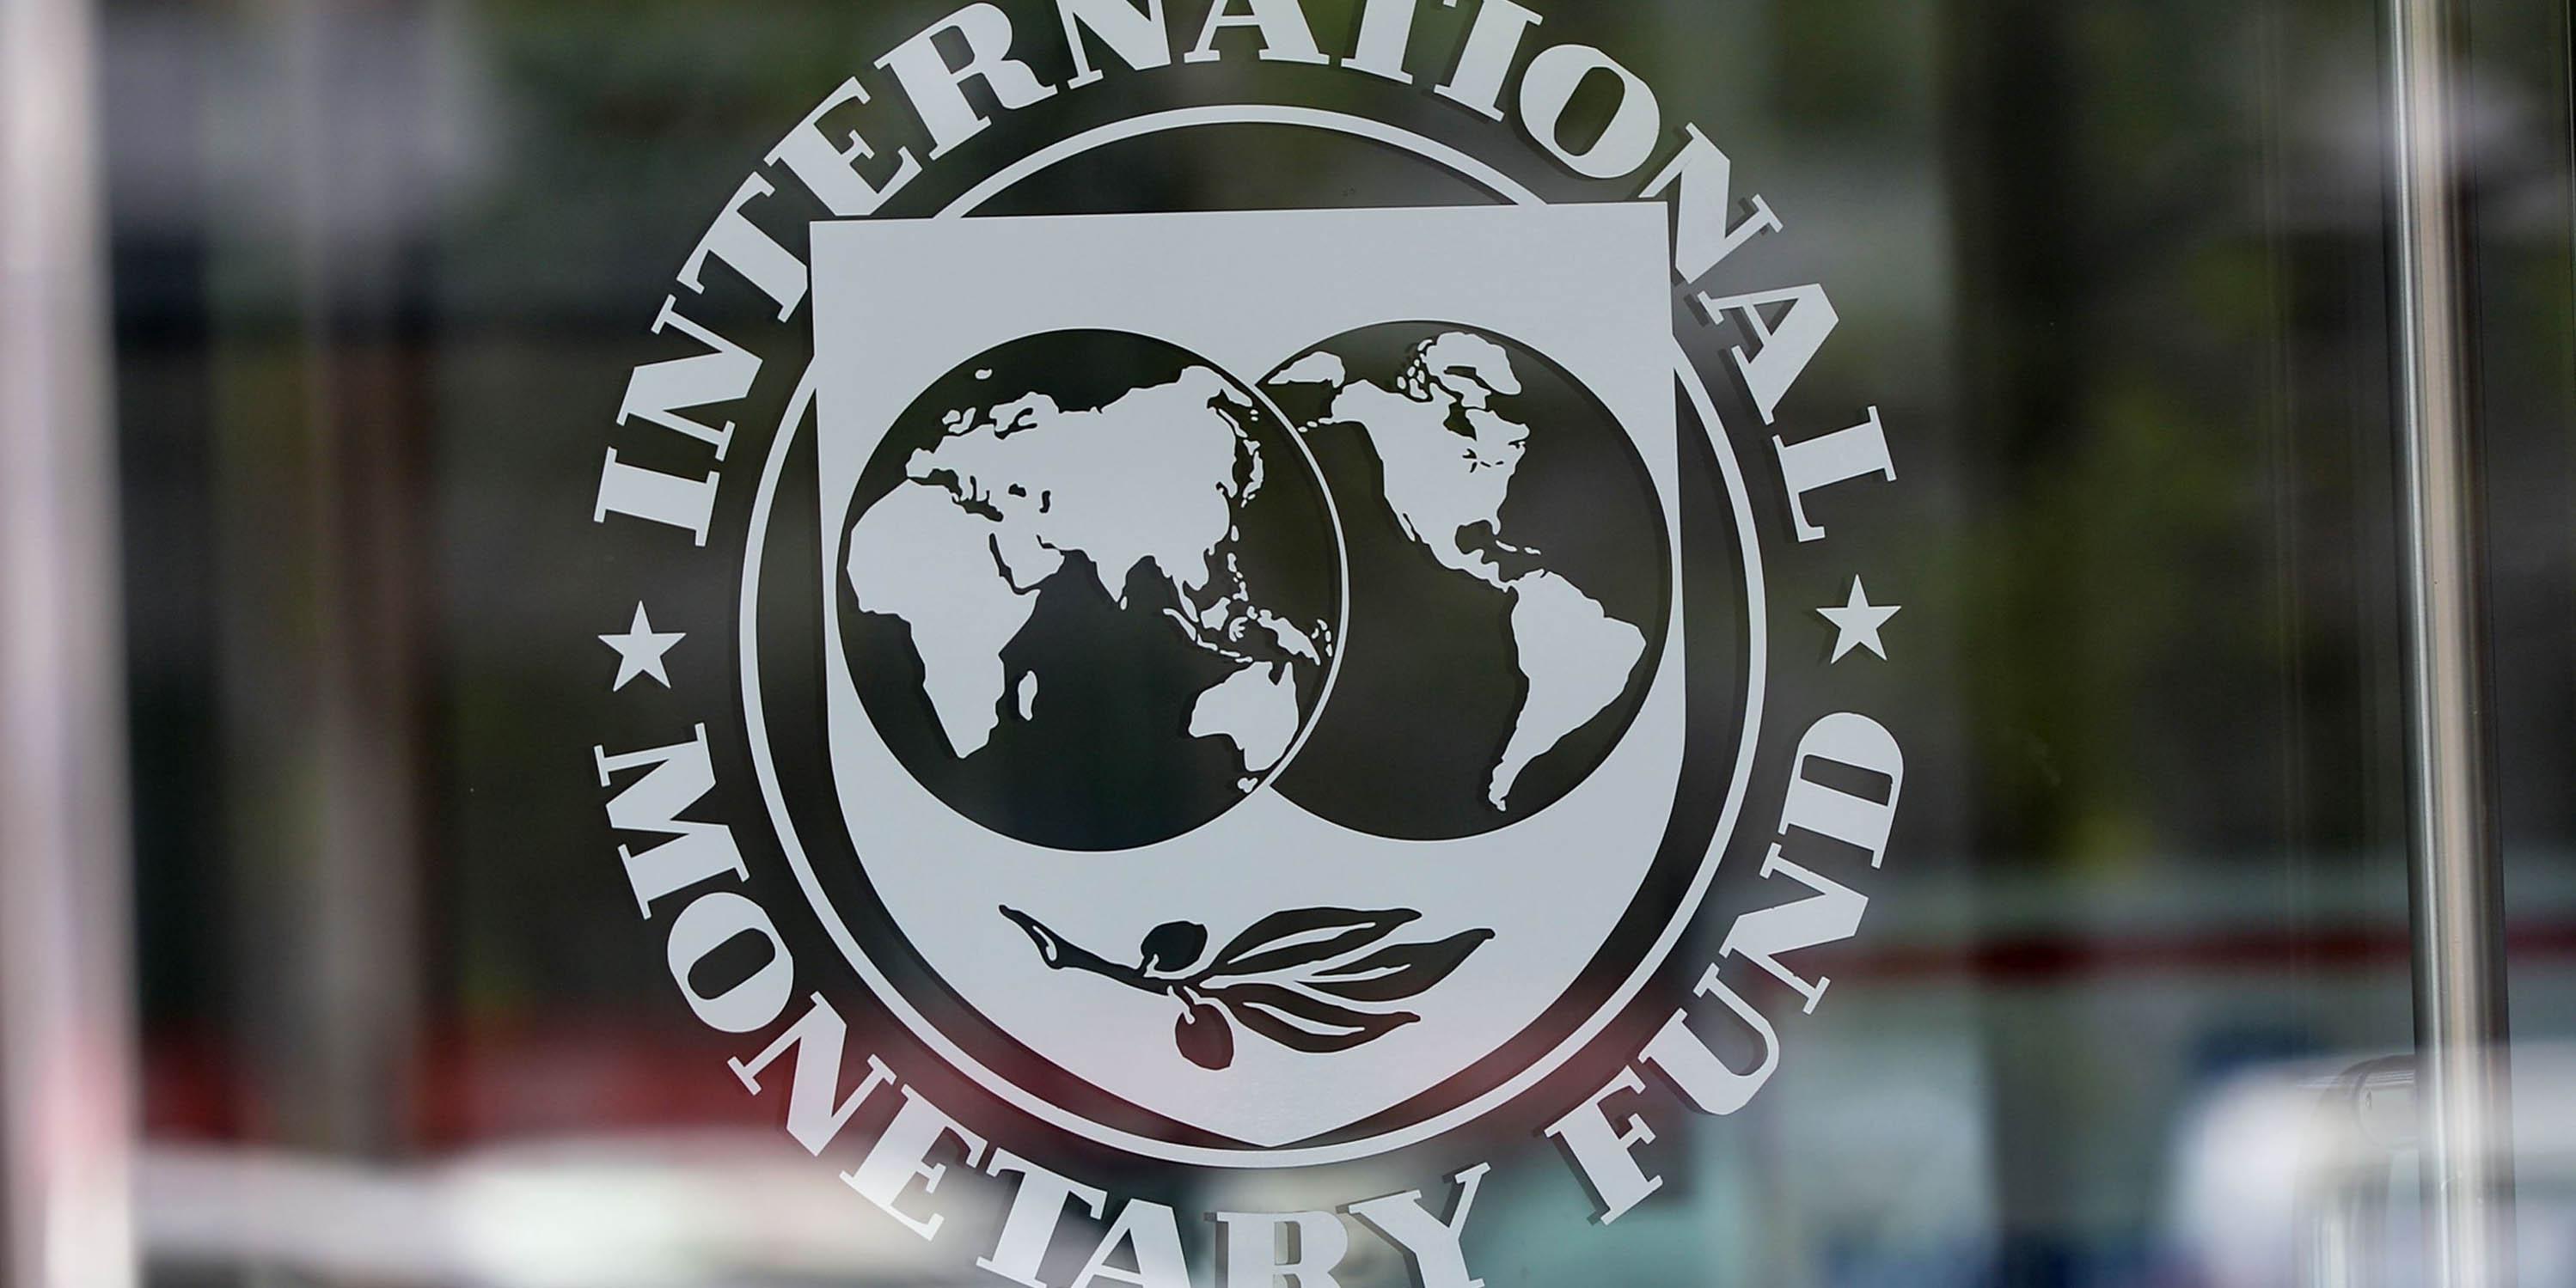 روایت صندوق بینالمللی پول از شاخصهای اقتصادی ایران در سال نخست اجرای برجام